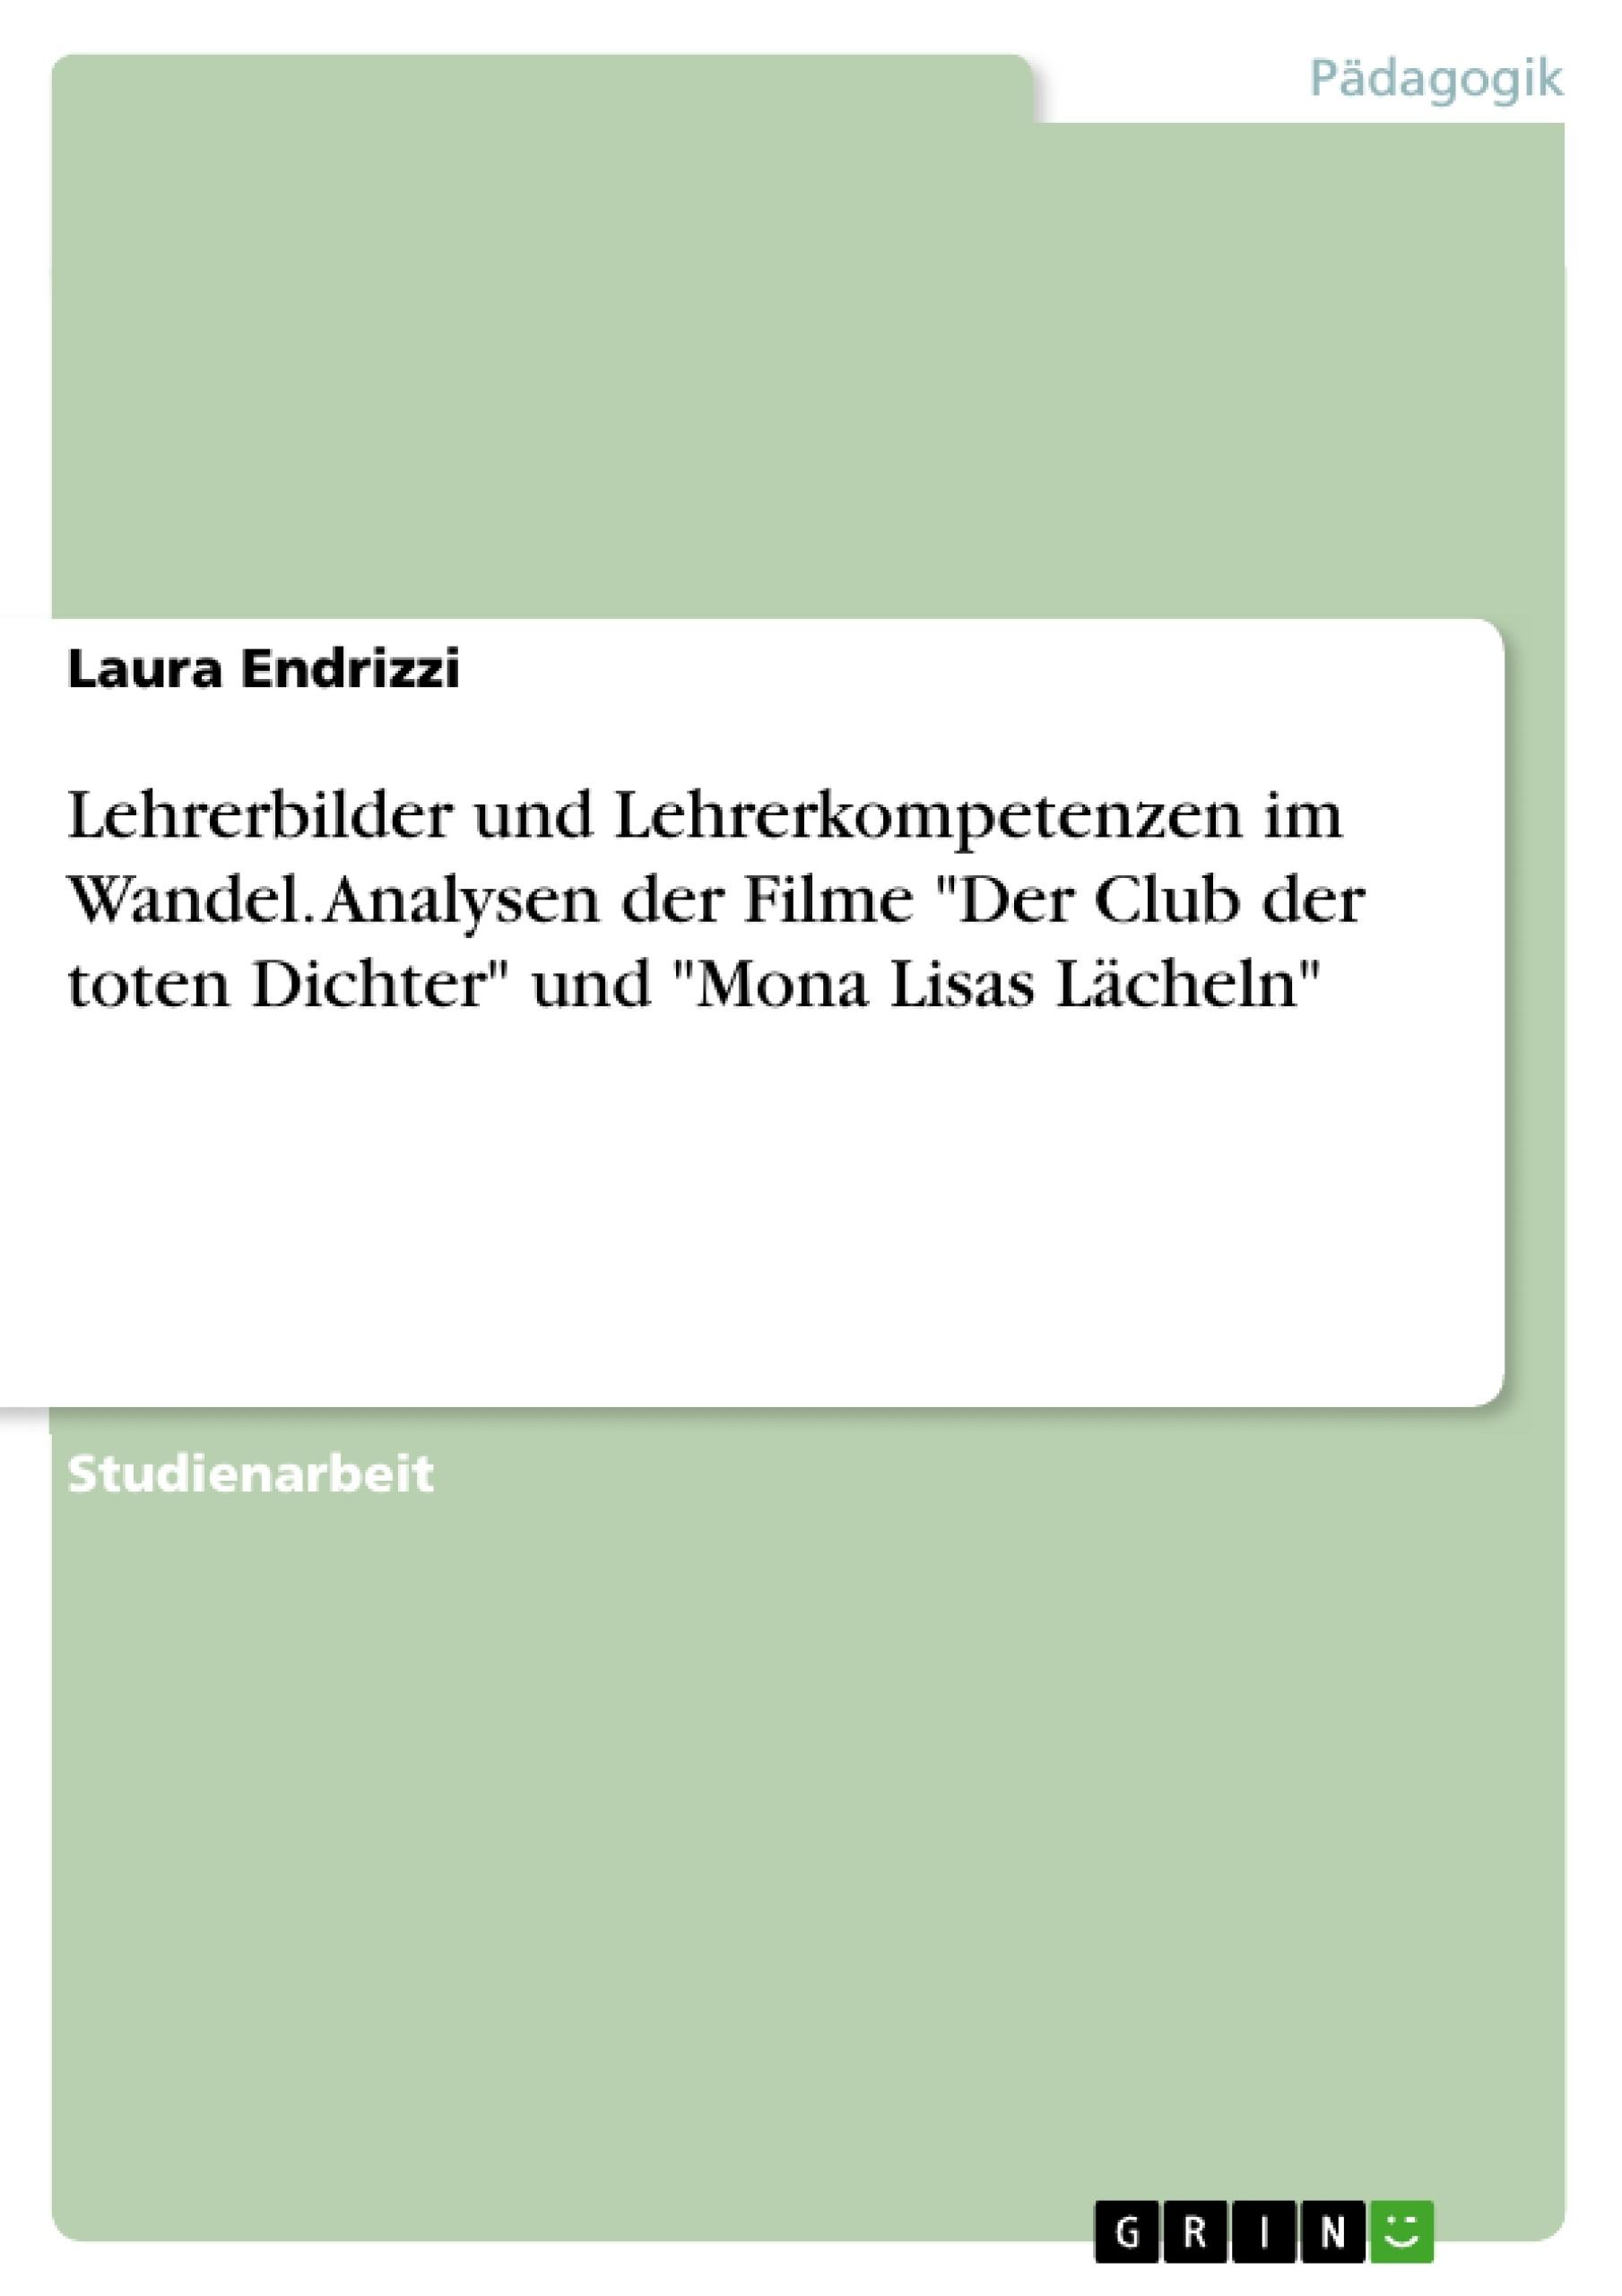 """Titel: Lehrerbilder und Lehrerkompetenzen im Wandel. Analysen der Filme """"Der Club der toten Dichter"""" und """"Mona Lisas Lächeln"""""""